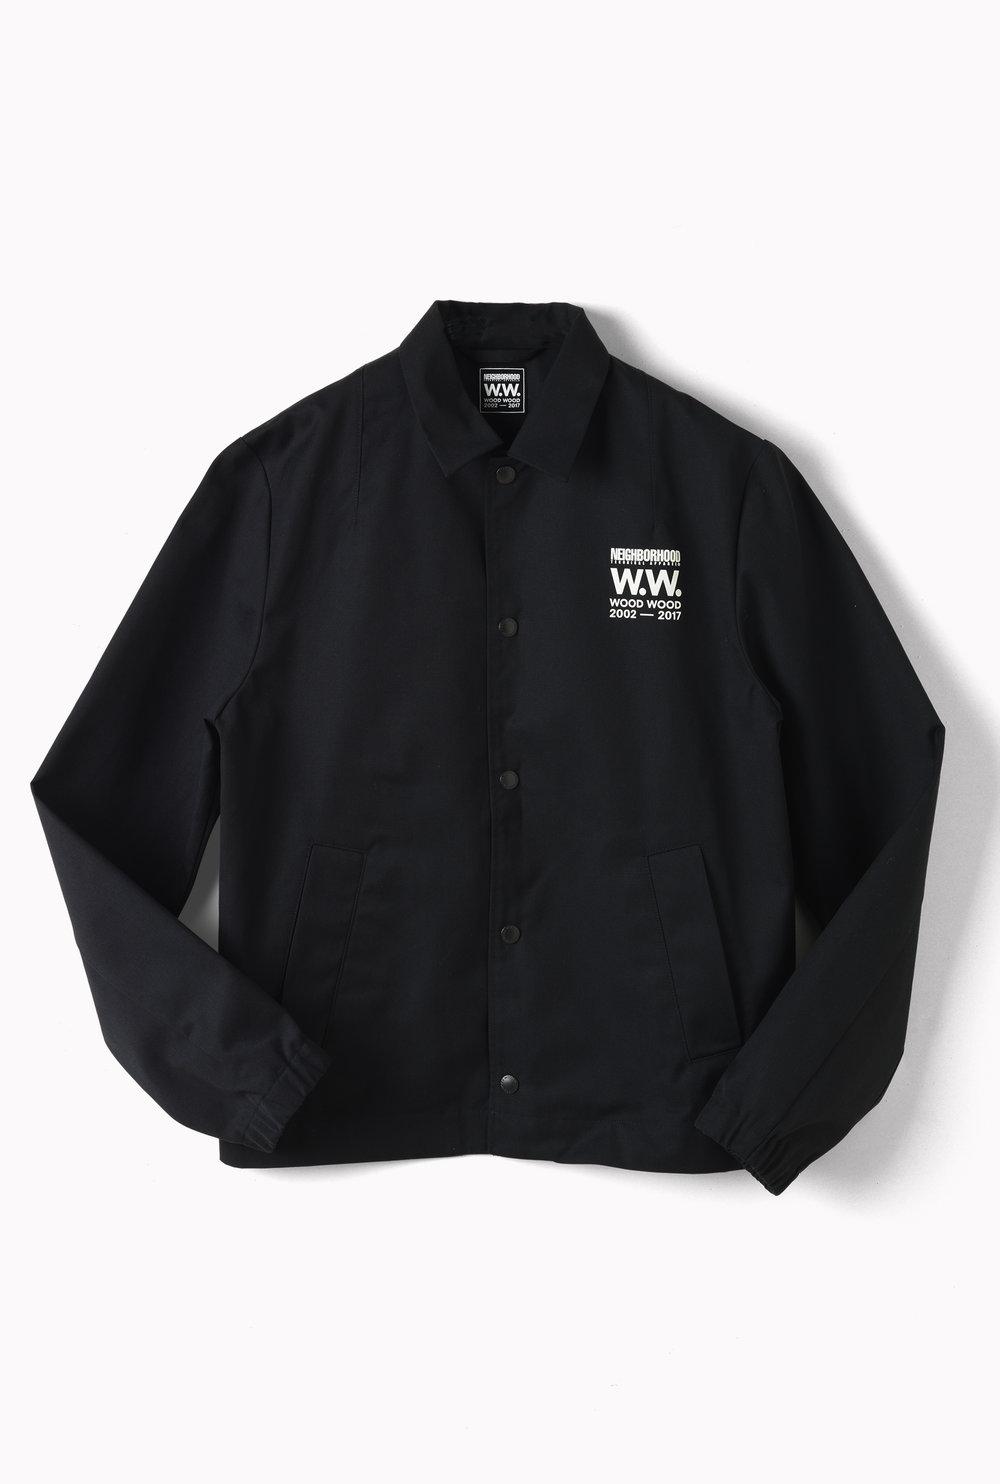 WoodWood_Kael jacket_Black_b.jpg